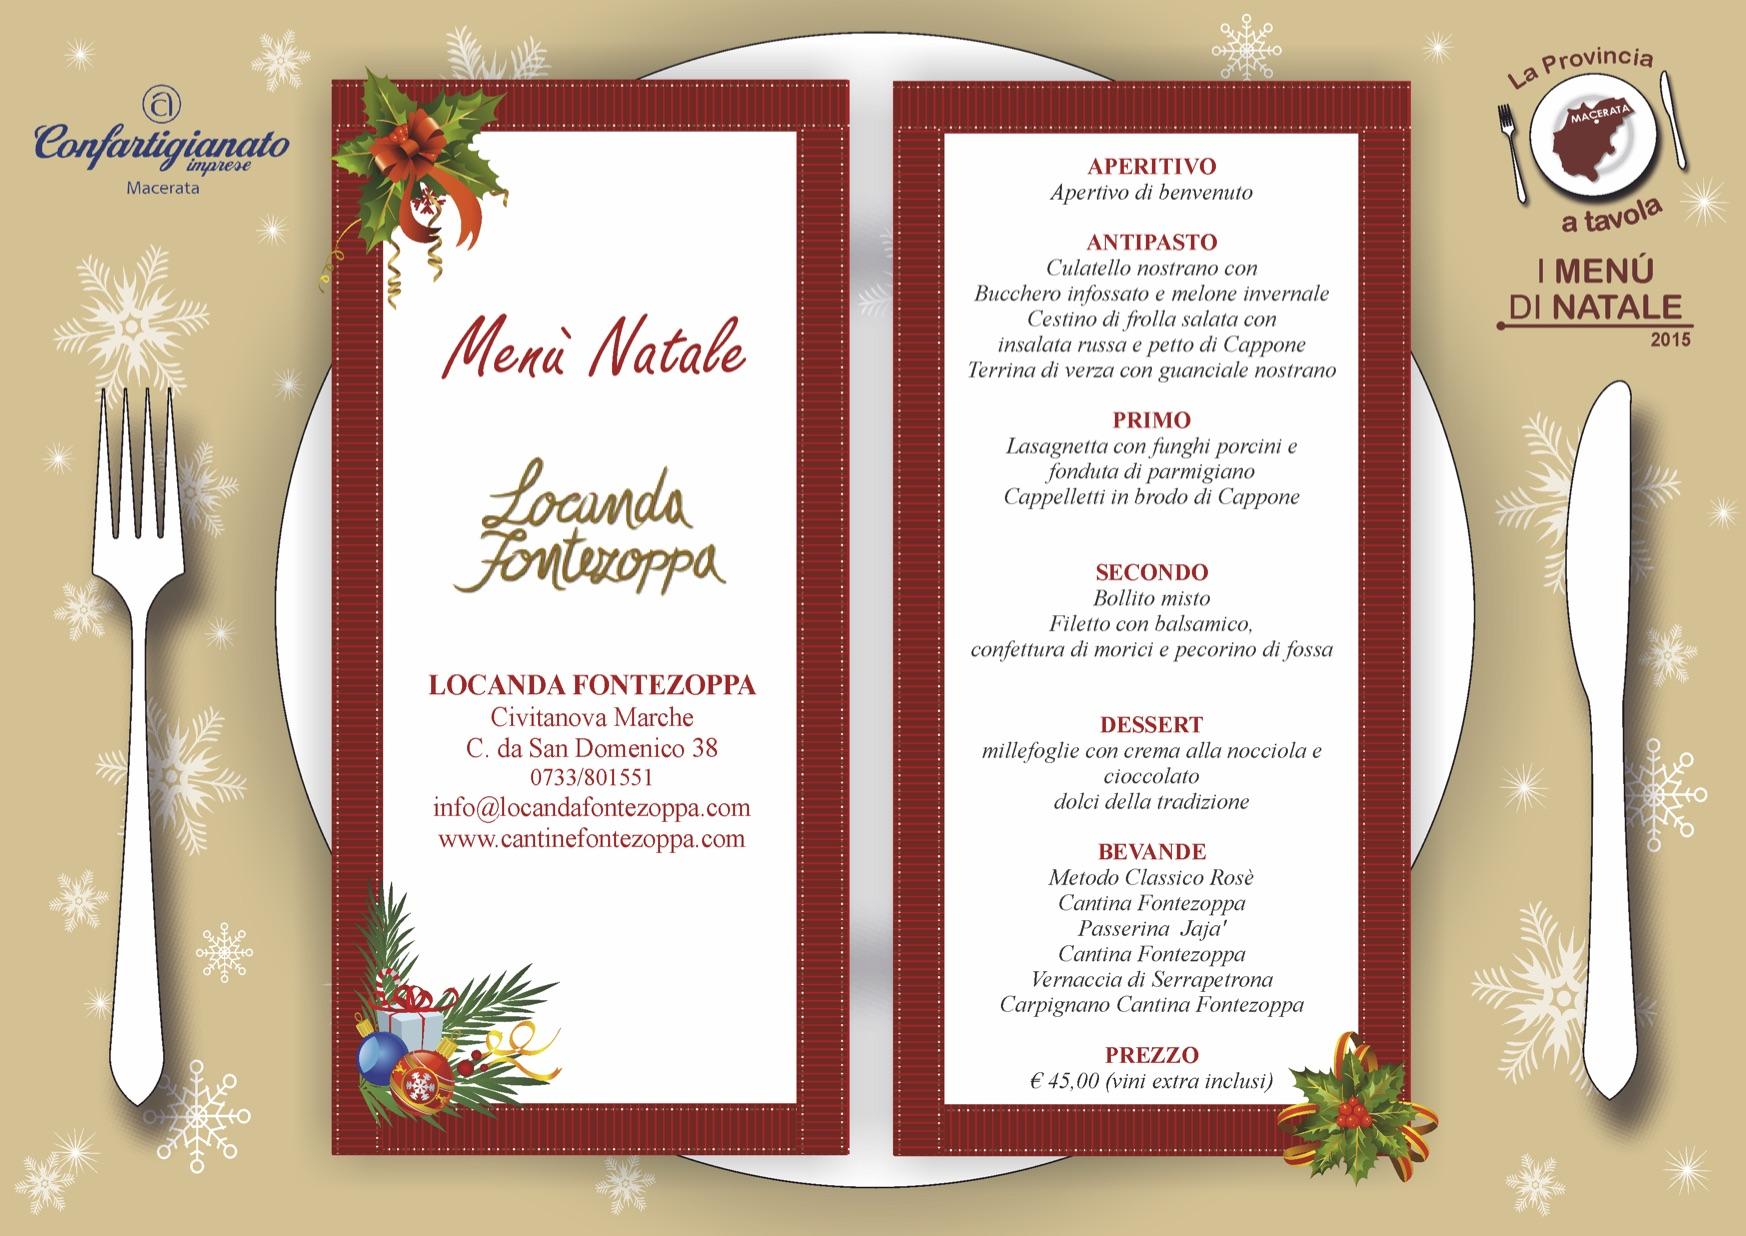 Consigli Per Menu Di Natale.La Provincia A Tavola Con I Menu Di Natale Associazione Culturale La Rucola